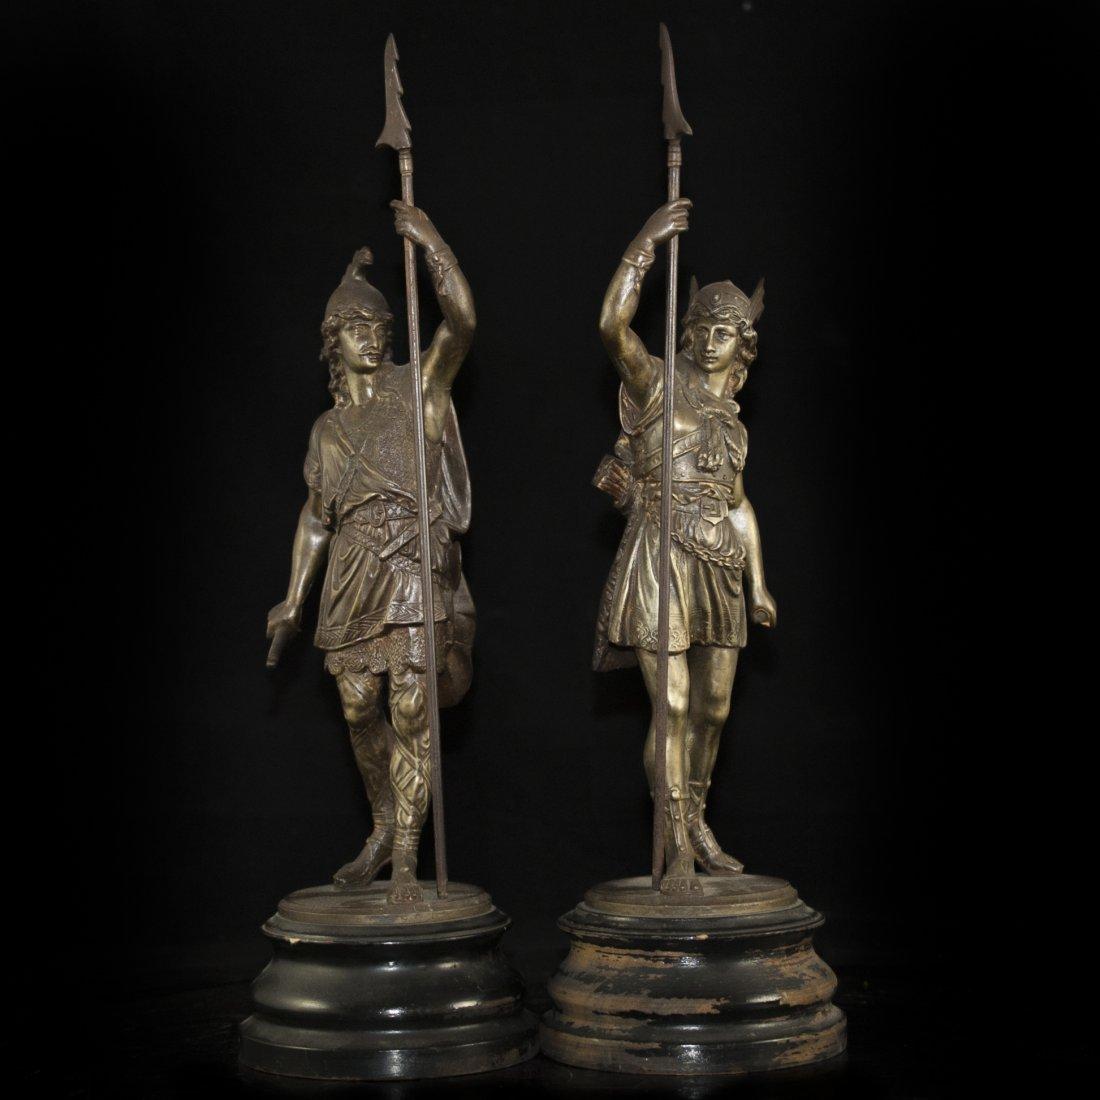 Pair of White Metal Greek God Figurines